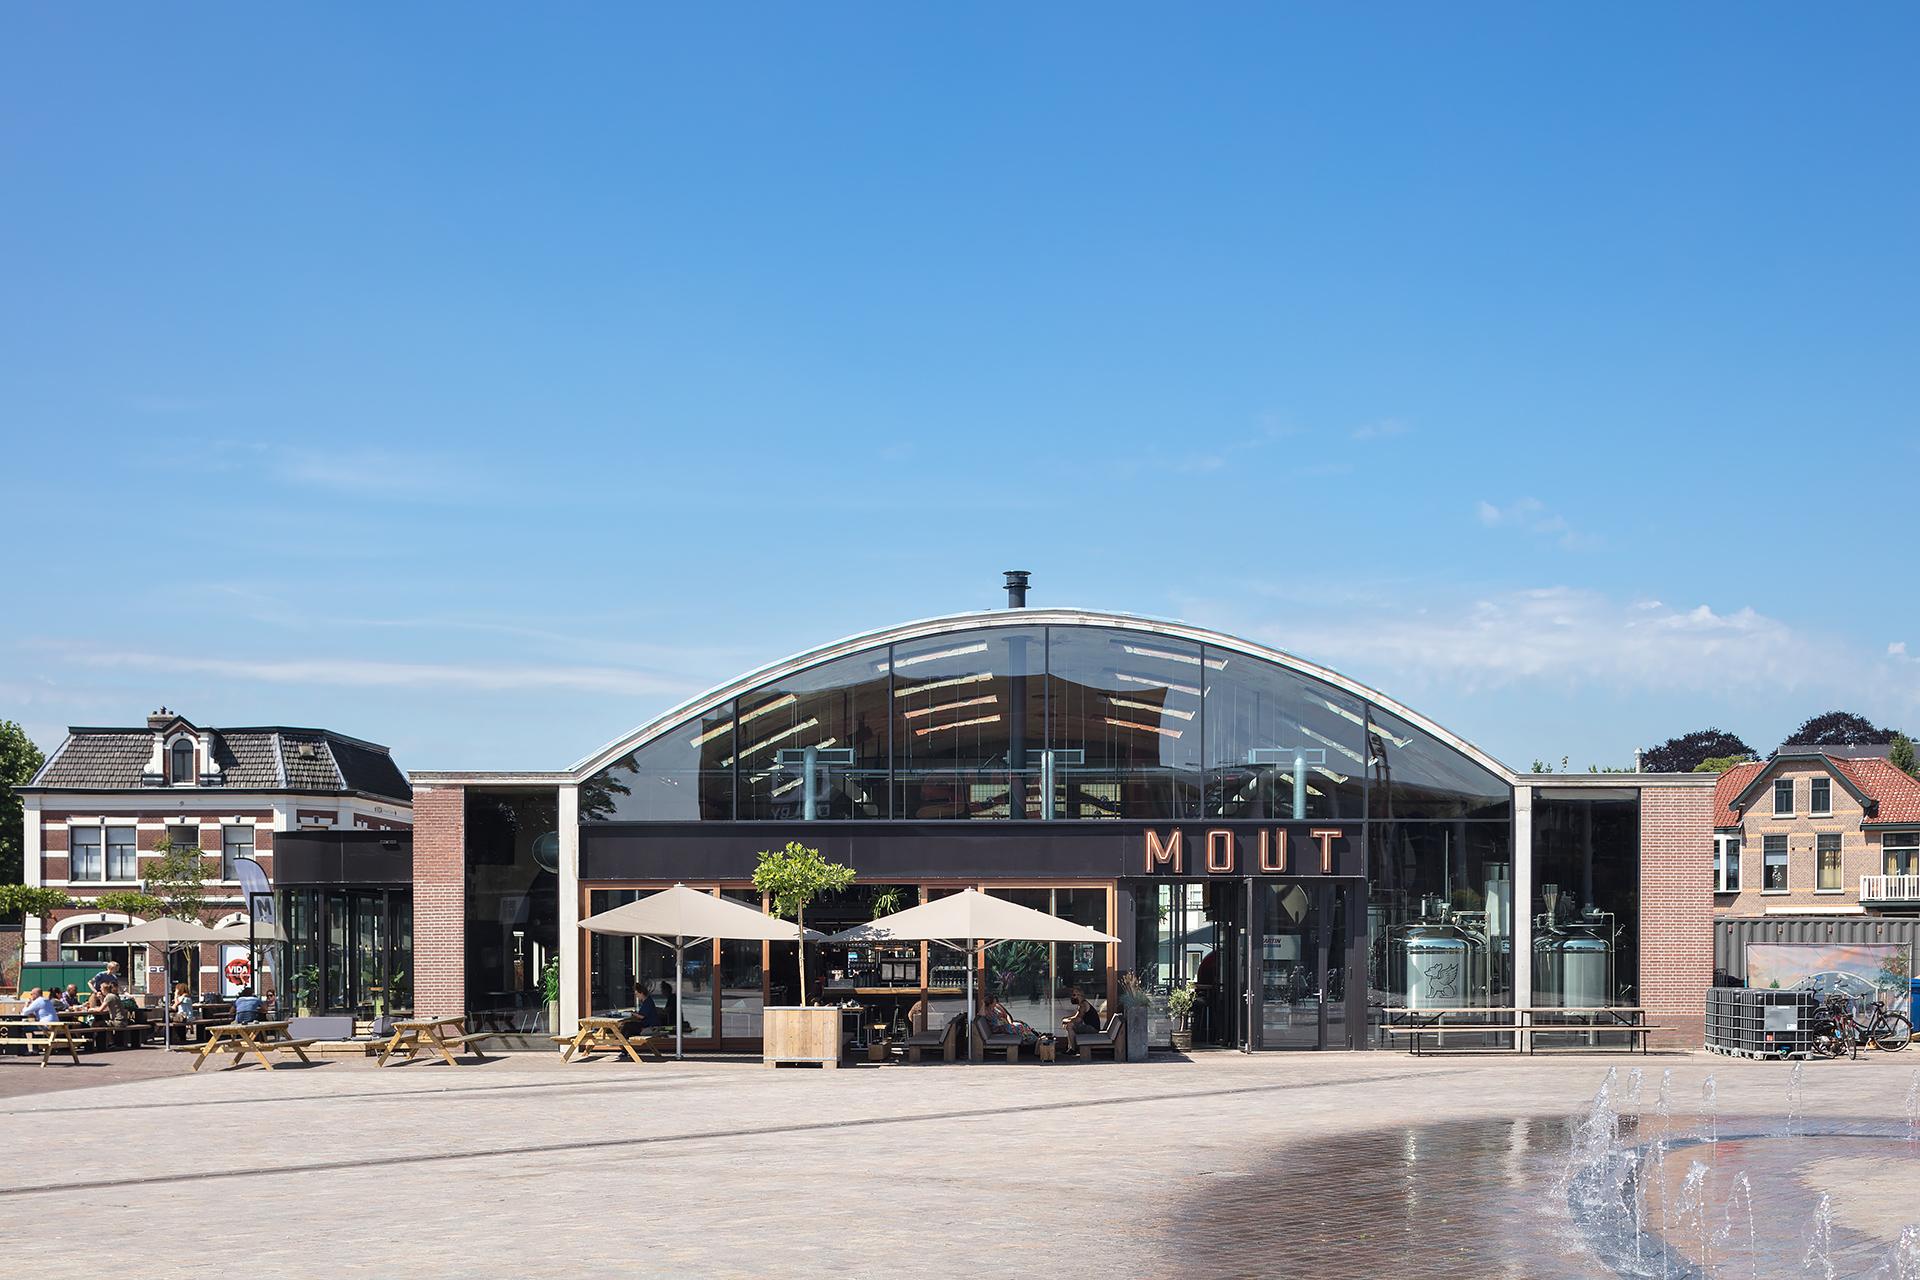 SP2017-MOUT-Hilversum-1-HiRes